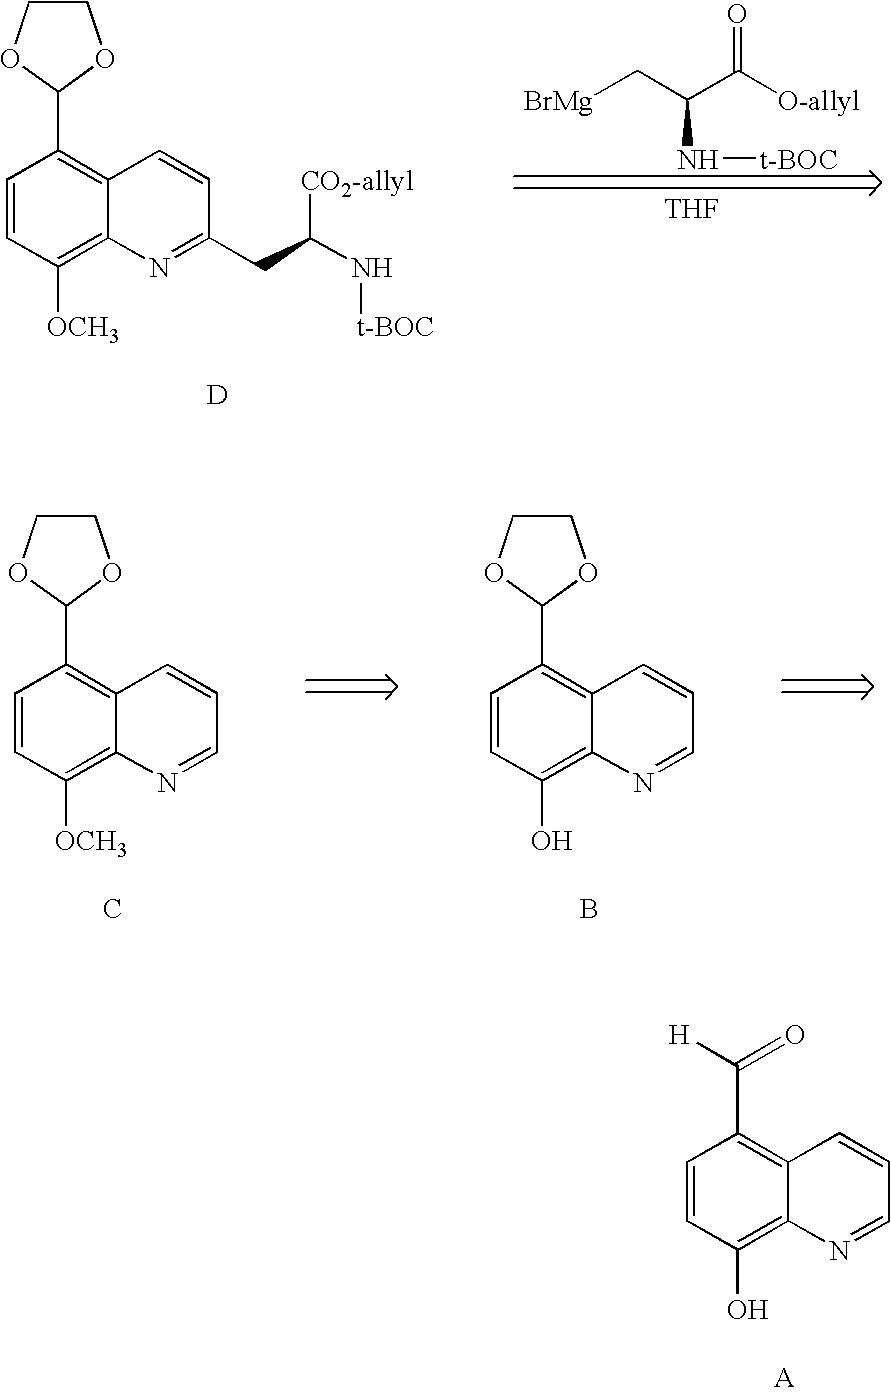 Figure US08124368-20120228-C00010